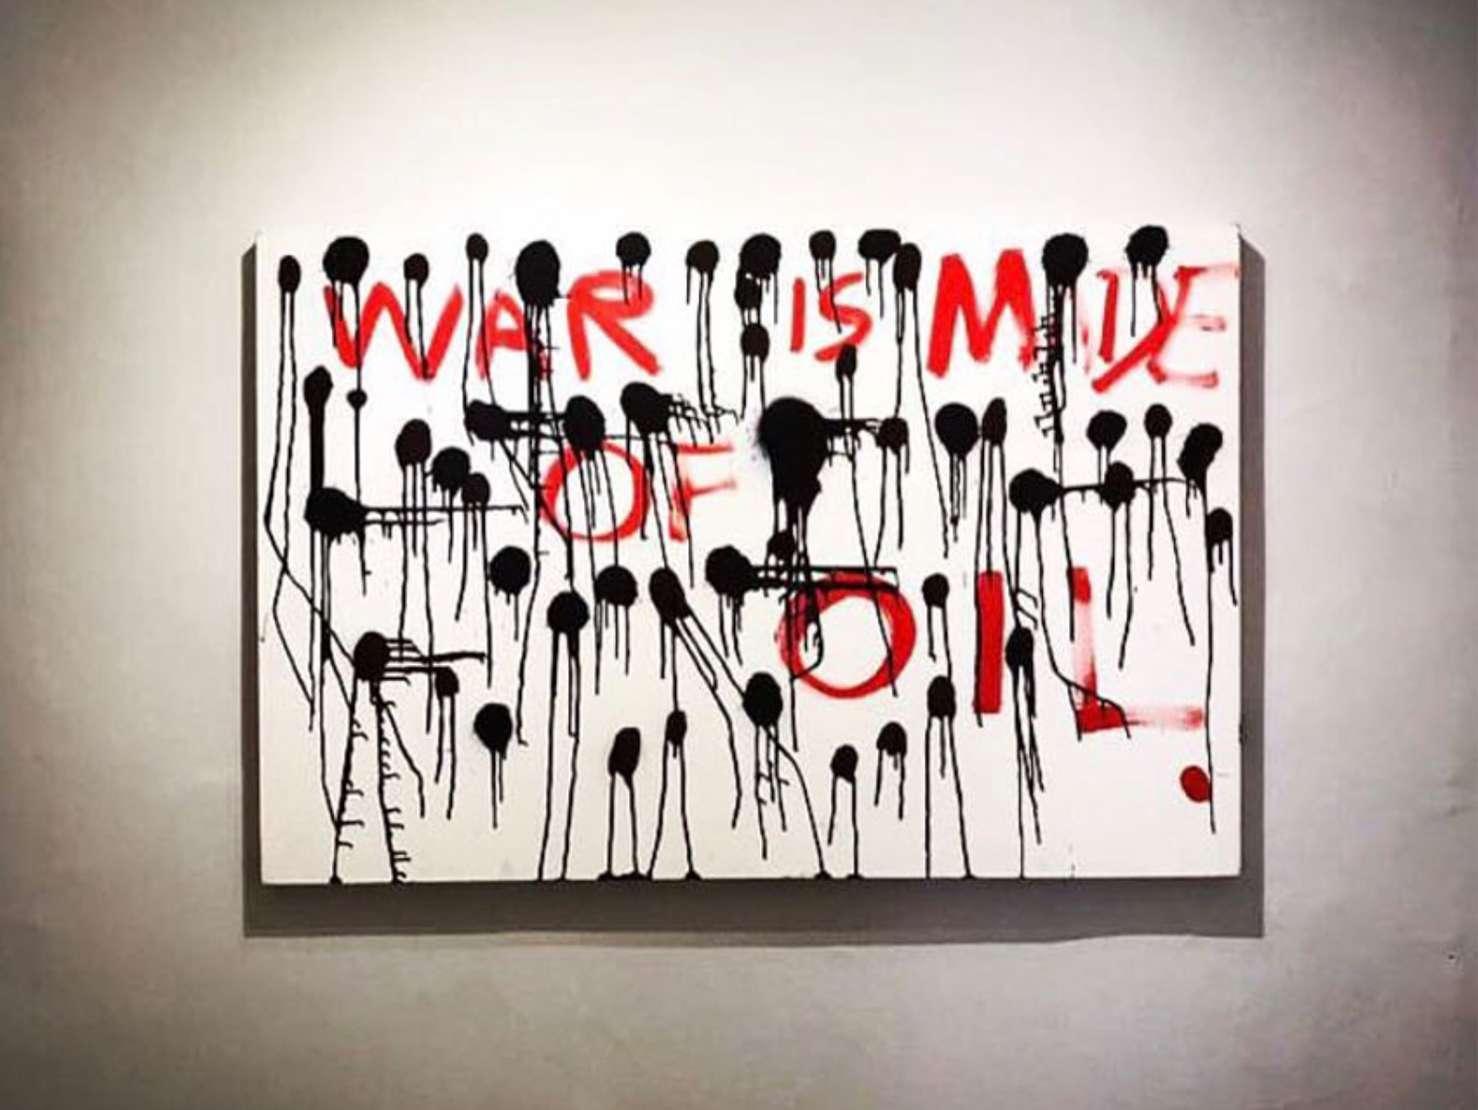 Tulio Dek (1985), Money - série Guerra,  2017 - Acrílica s/ tela<br>Ass. verso e datado<br>Apresenta selo da Galeria TNT